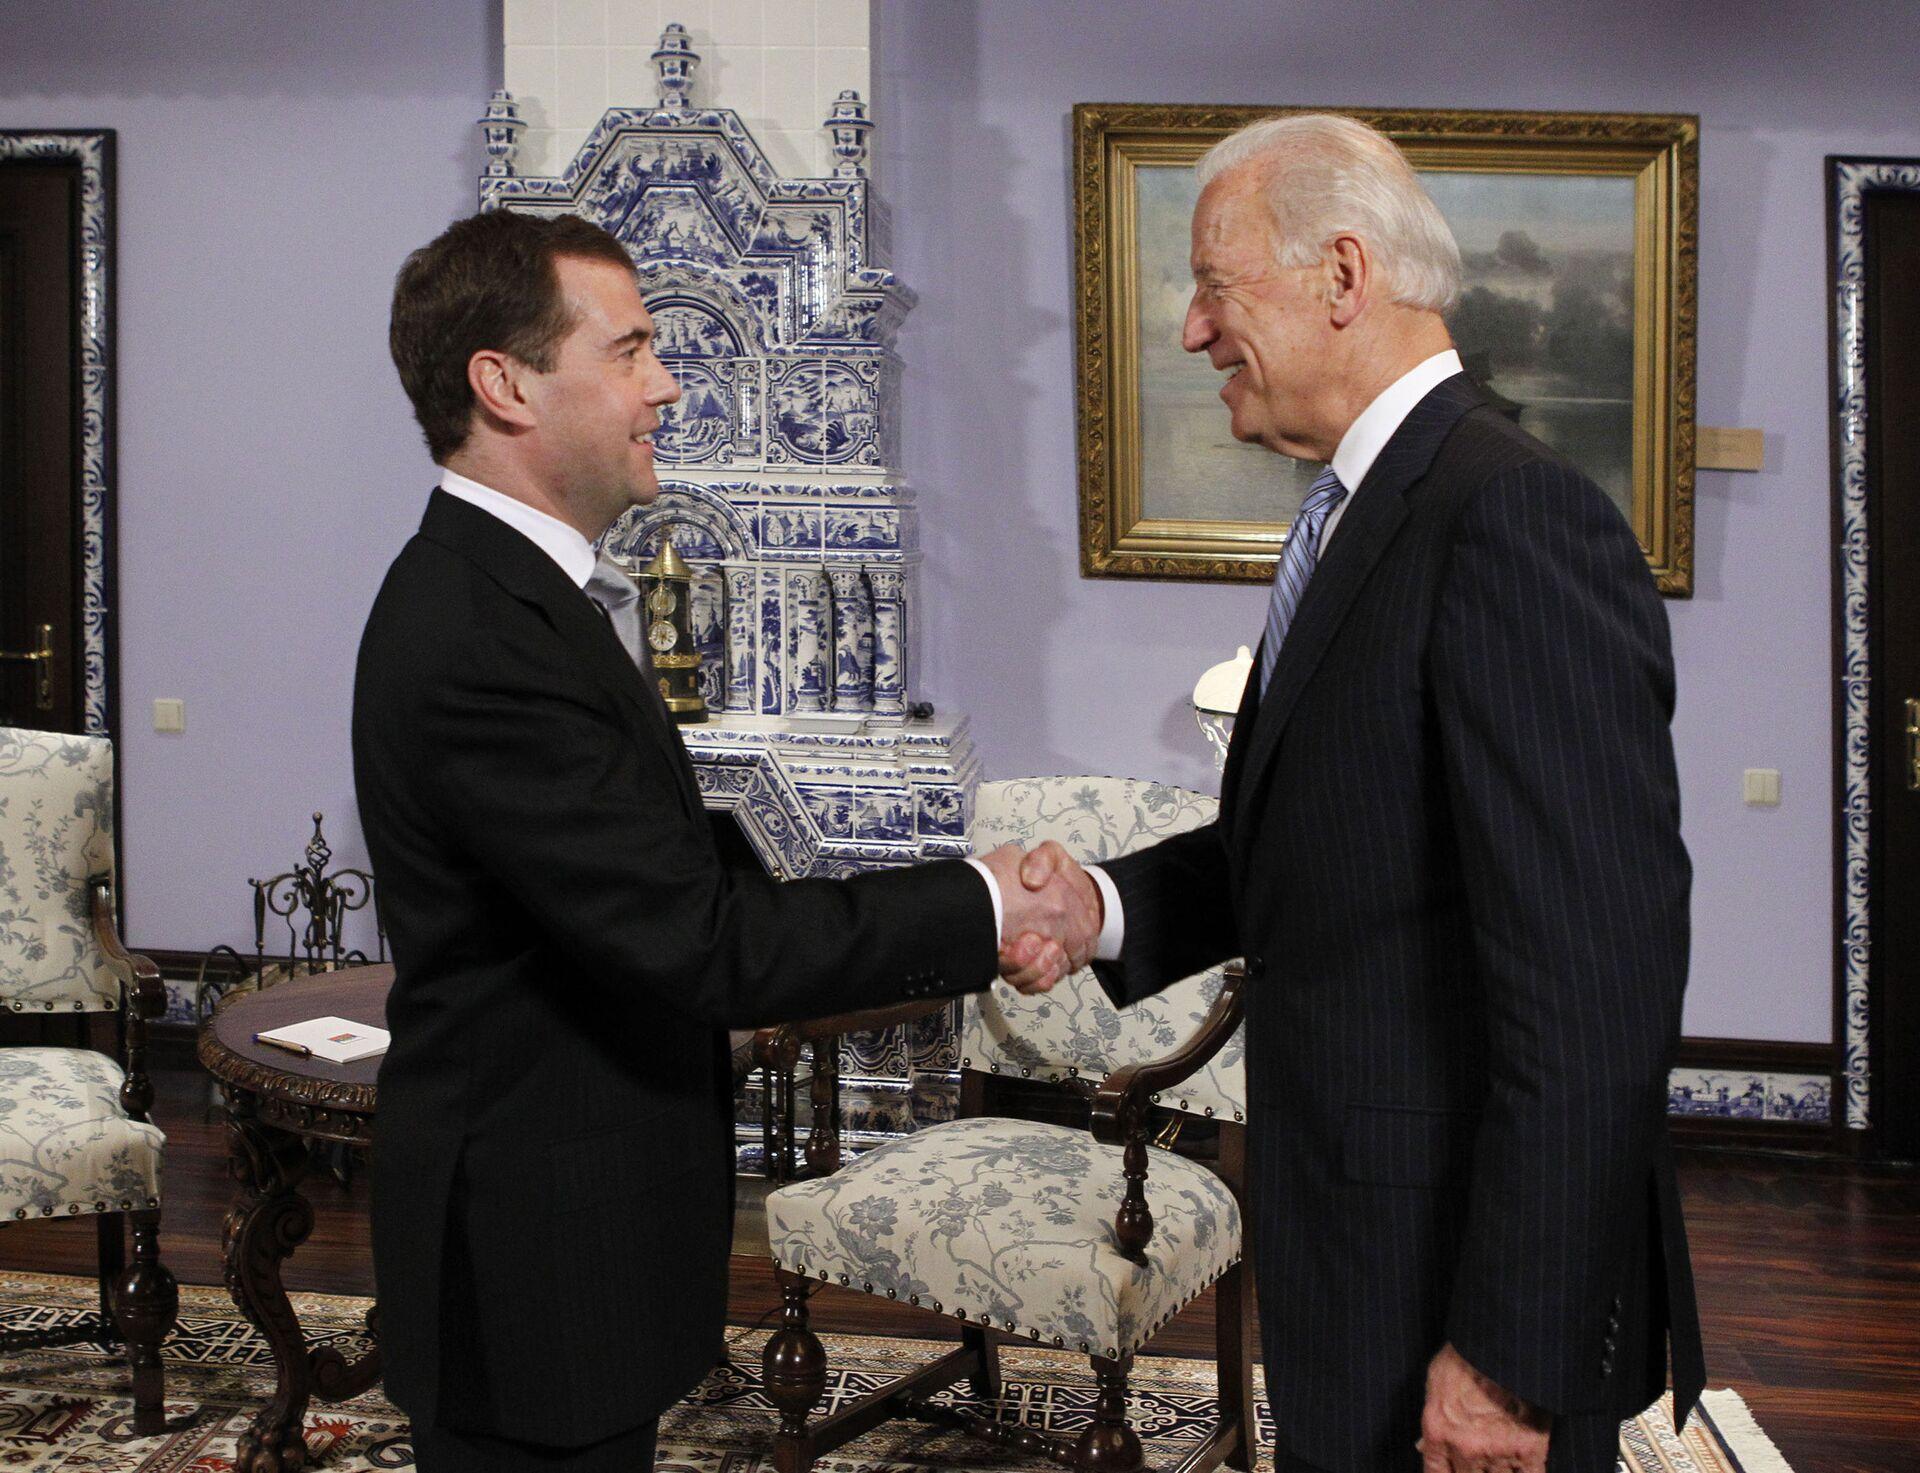 Дмитрий Медведев и Джозеф Байден во время встречи в резиденции Горки. 9 марта 2011 - РИА Новости, 1920, 09.11.2020